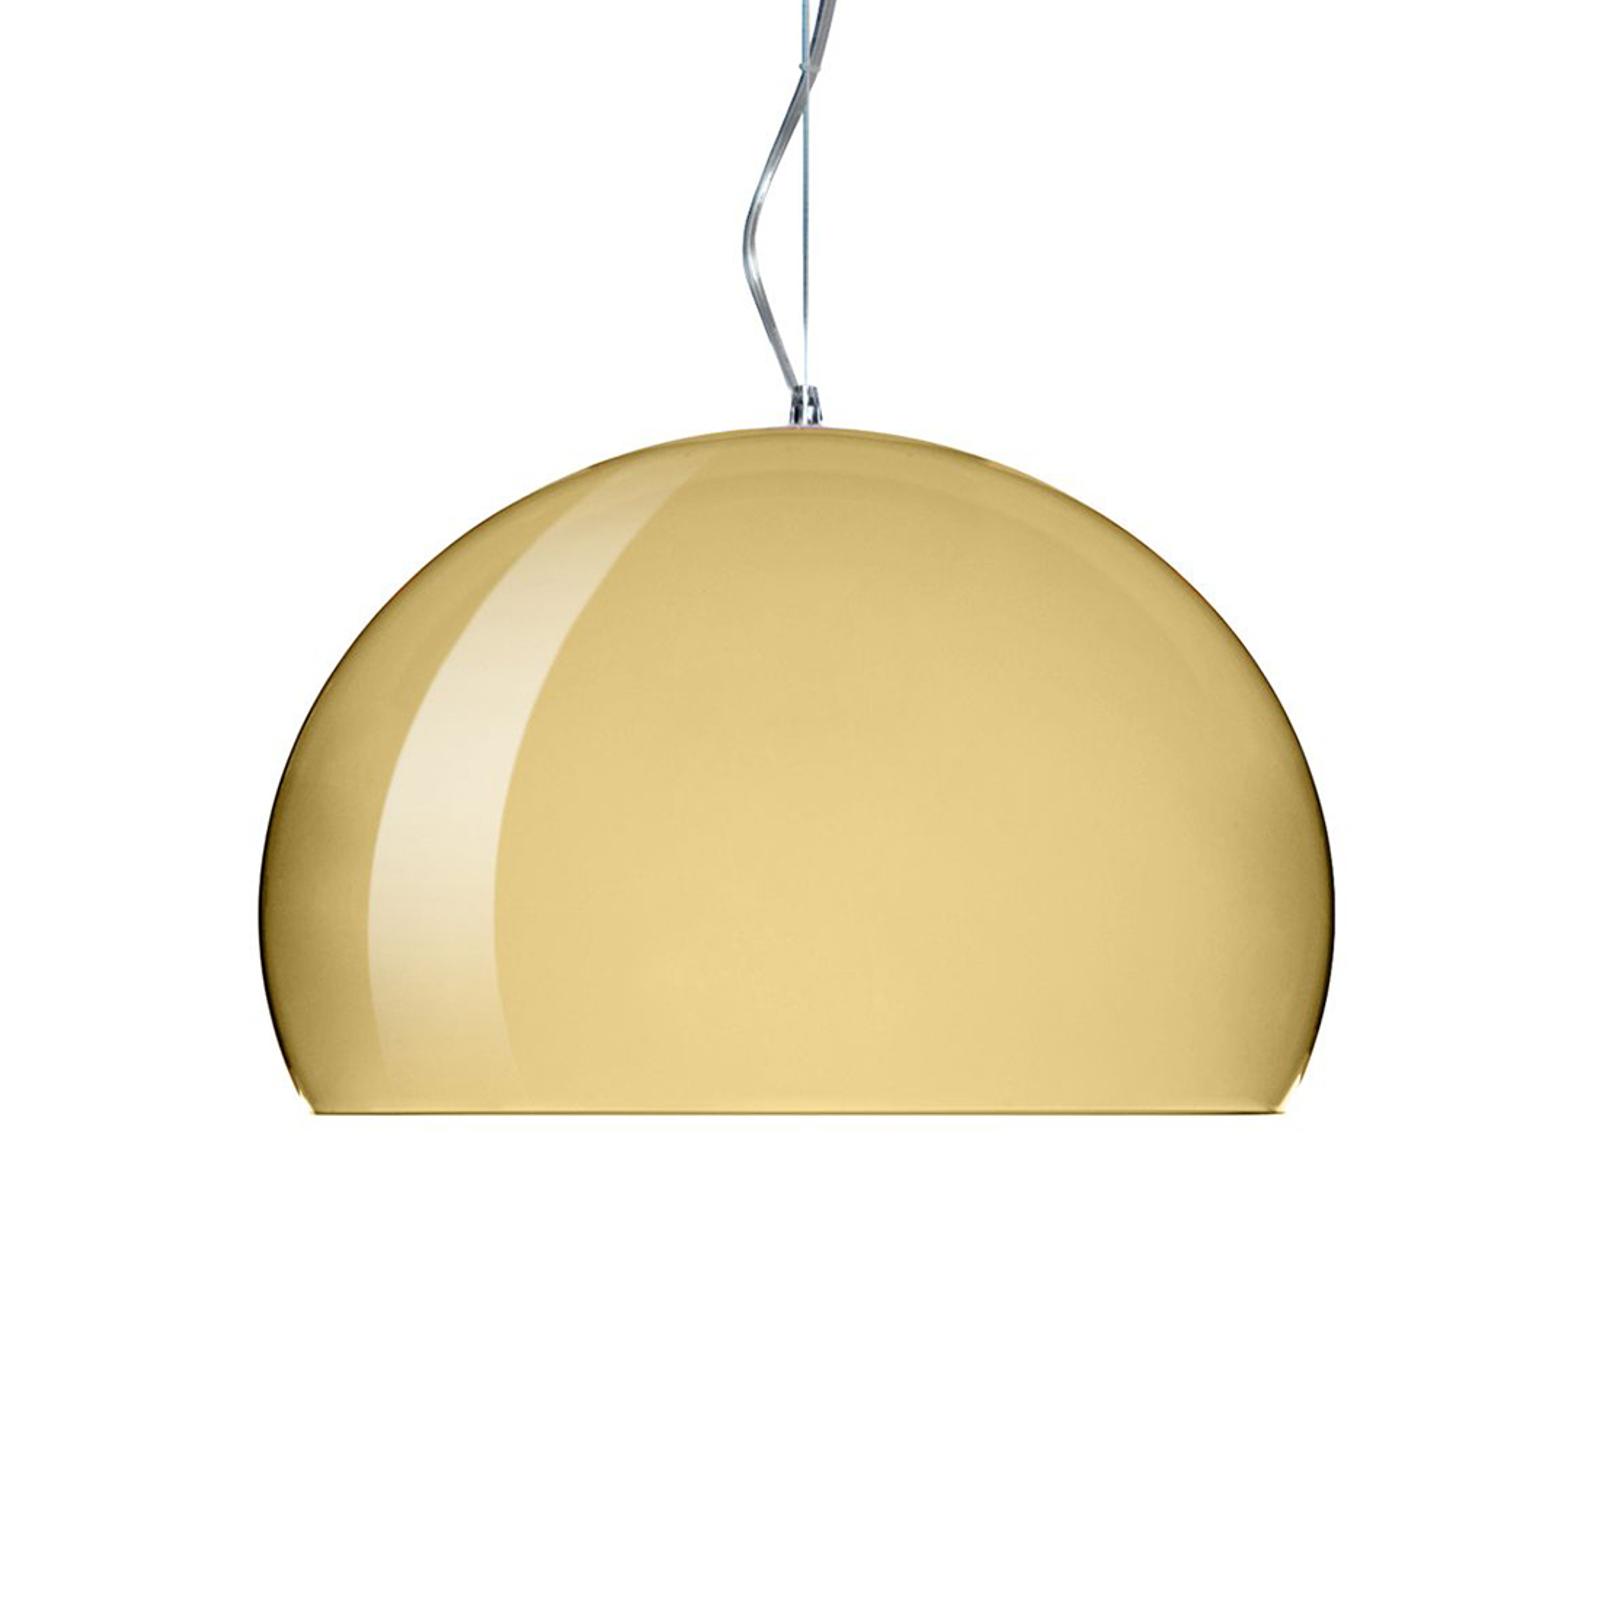 Kartell Small FL/Y LED-Hängeleuchte gold